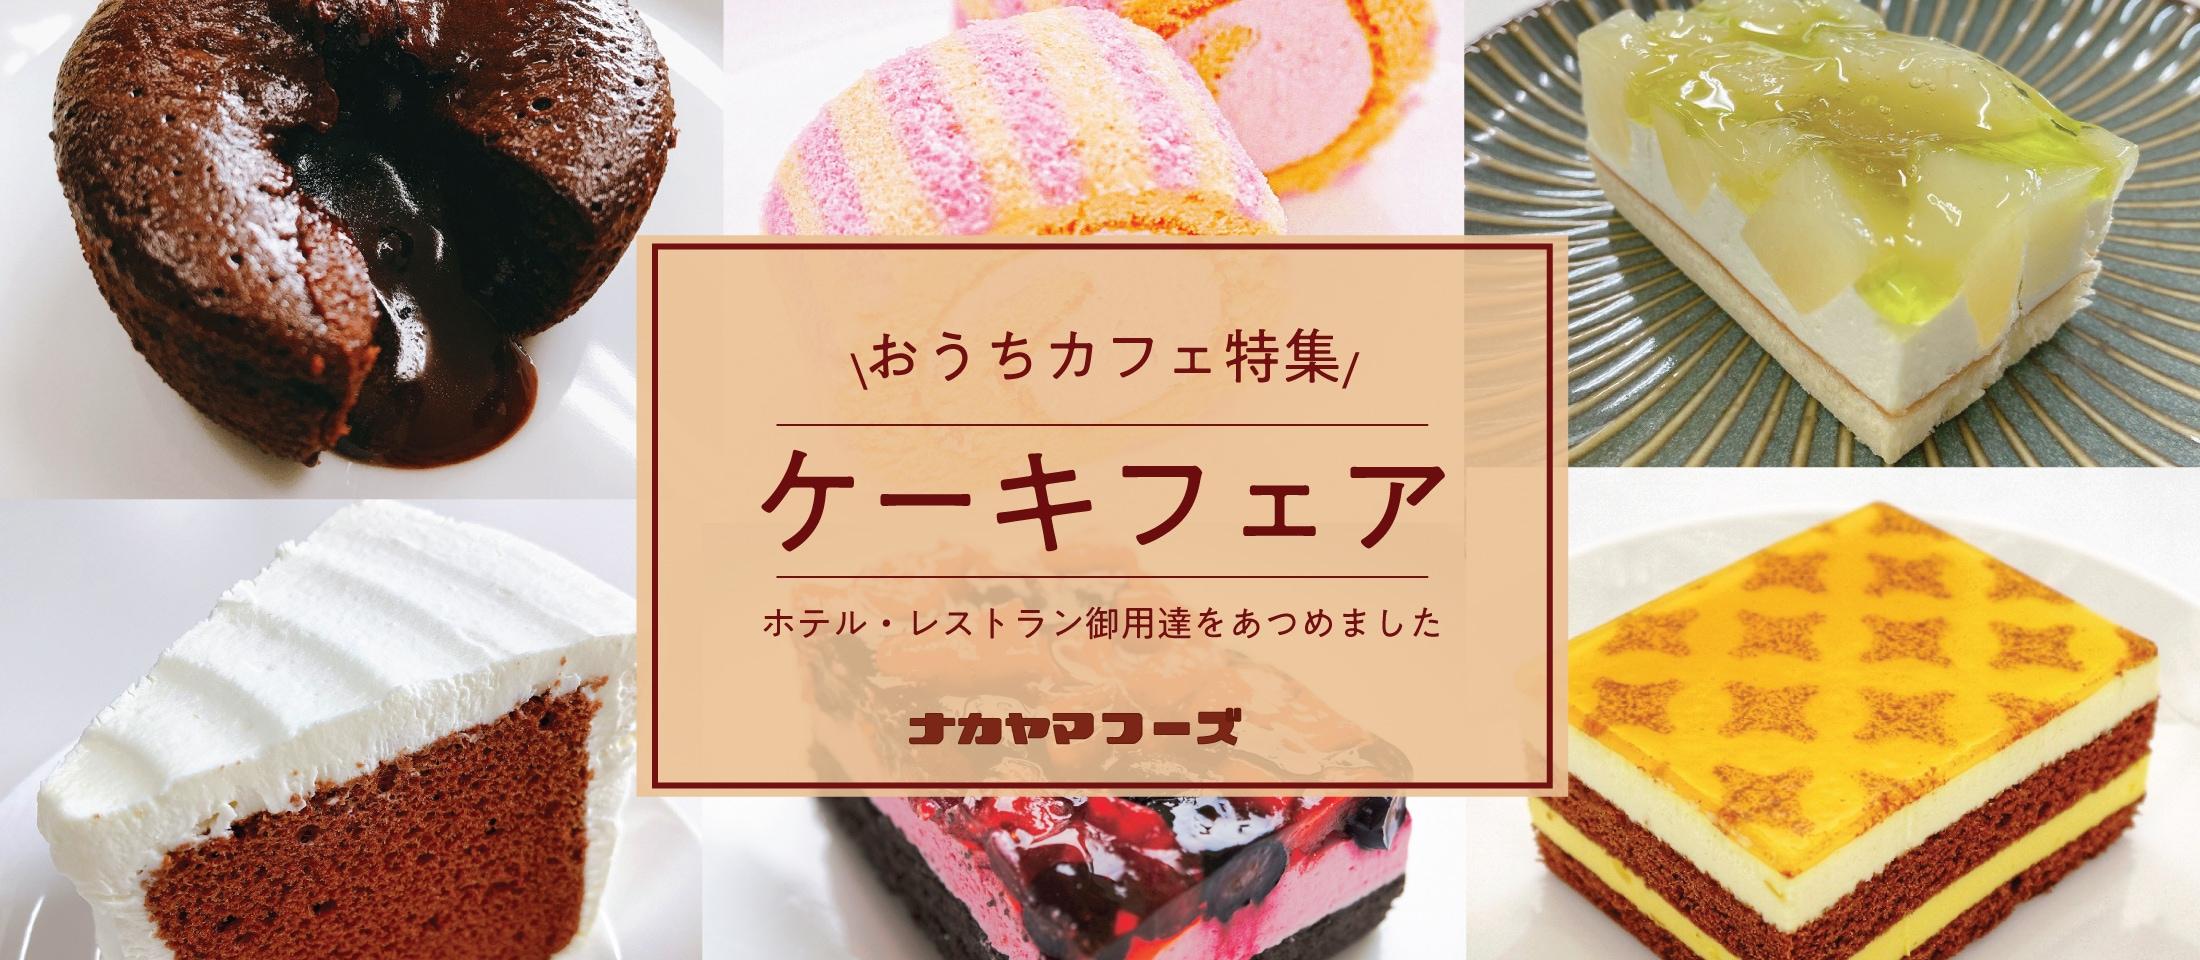 冷凍スイーツ 冷凍ケーキ特集           業務用食品・冷凍食品の通販 |ナカヤマフーズ